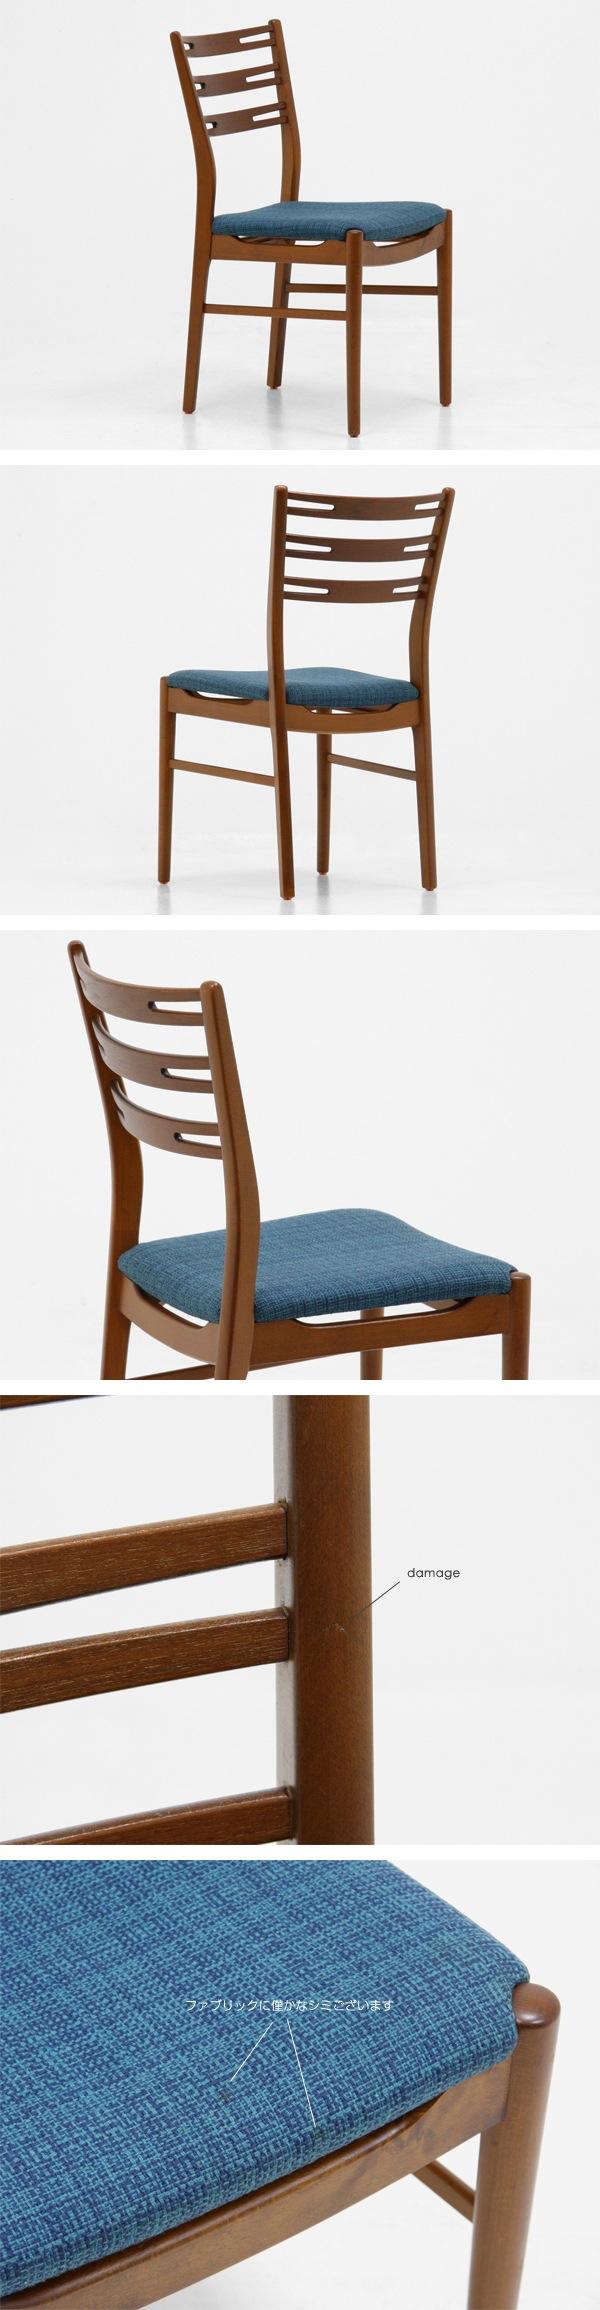 北欧家具,ヴィンテージ,ダイニングチェア,4脚セット,青,デンマーク